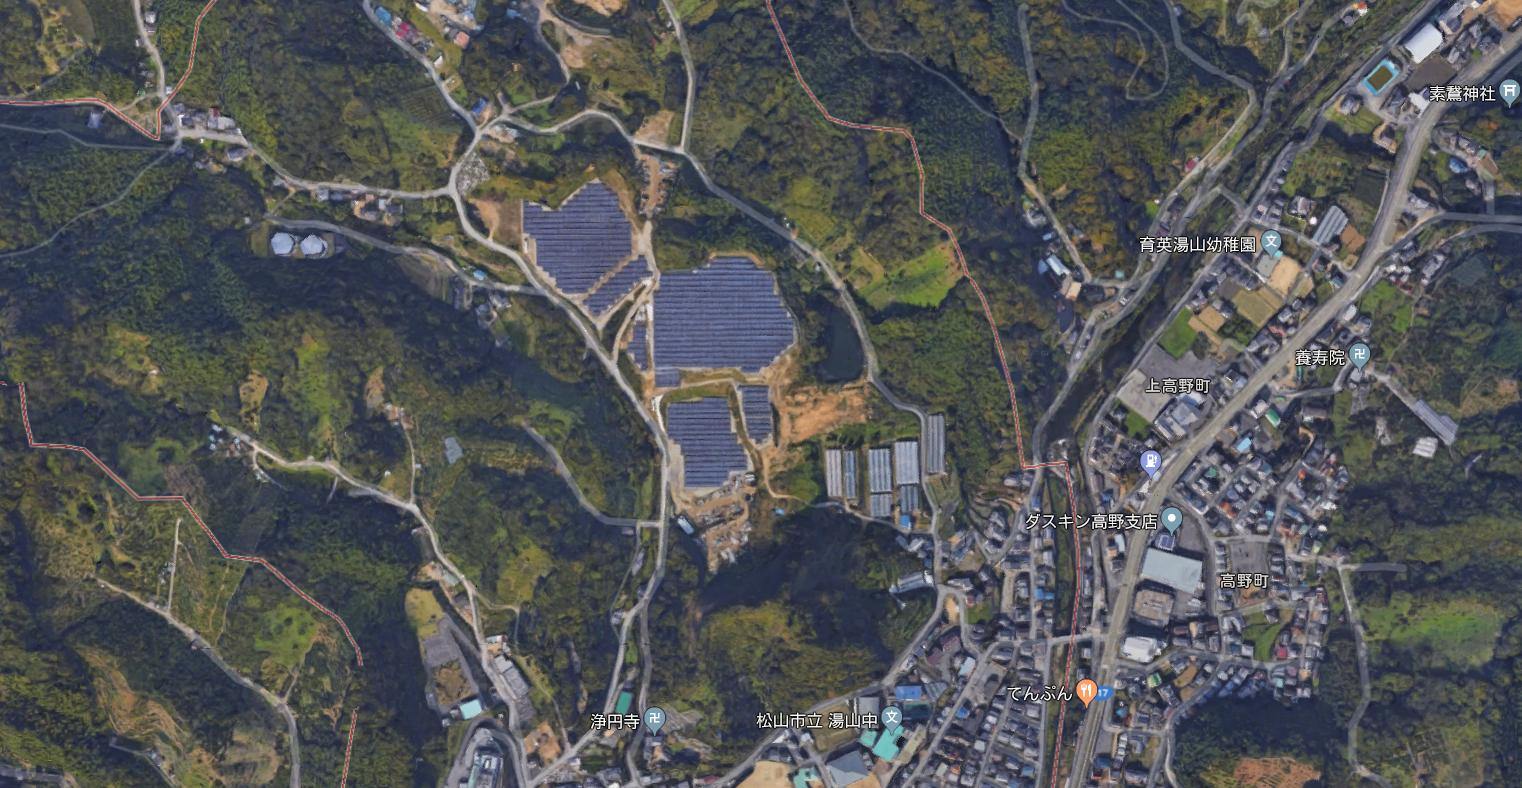 愛媛県松山市溝辺第三太陽光発電所 -完売ー   株式会社4E(フォーイー)